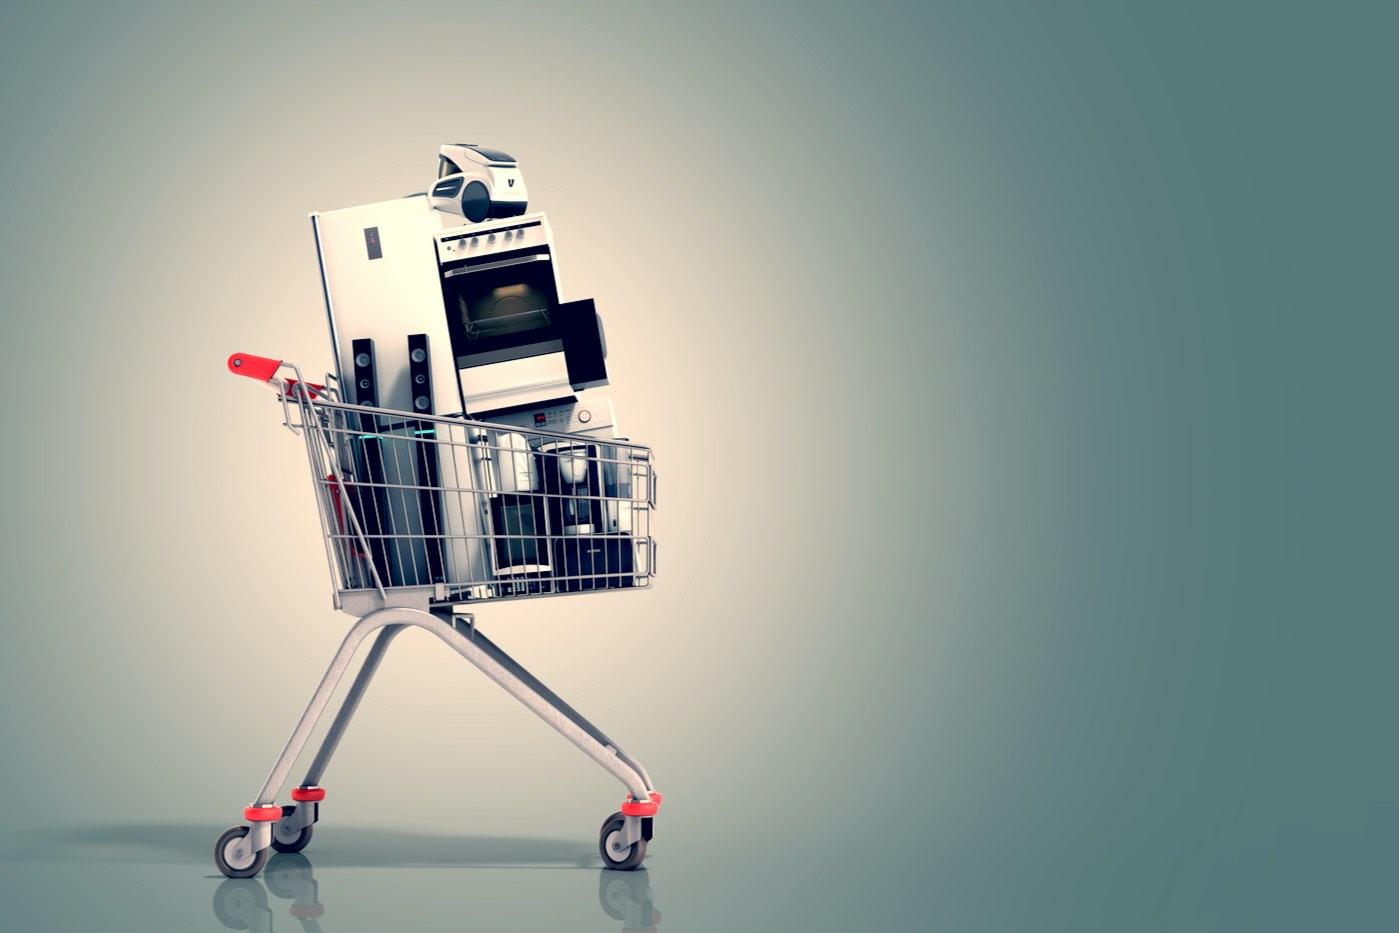 El boom tecnológico: las compras de electrónica han crecido 3.4 veces en España